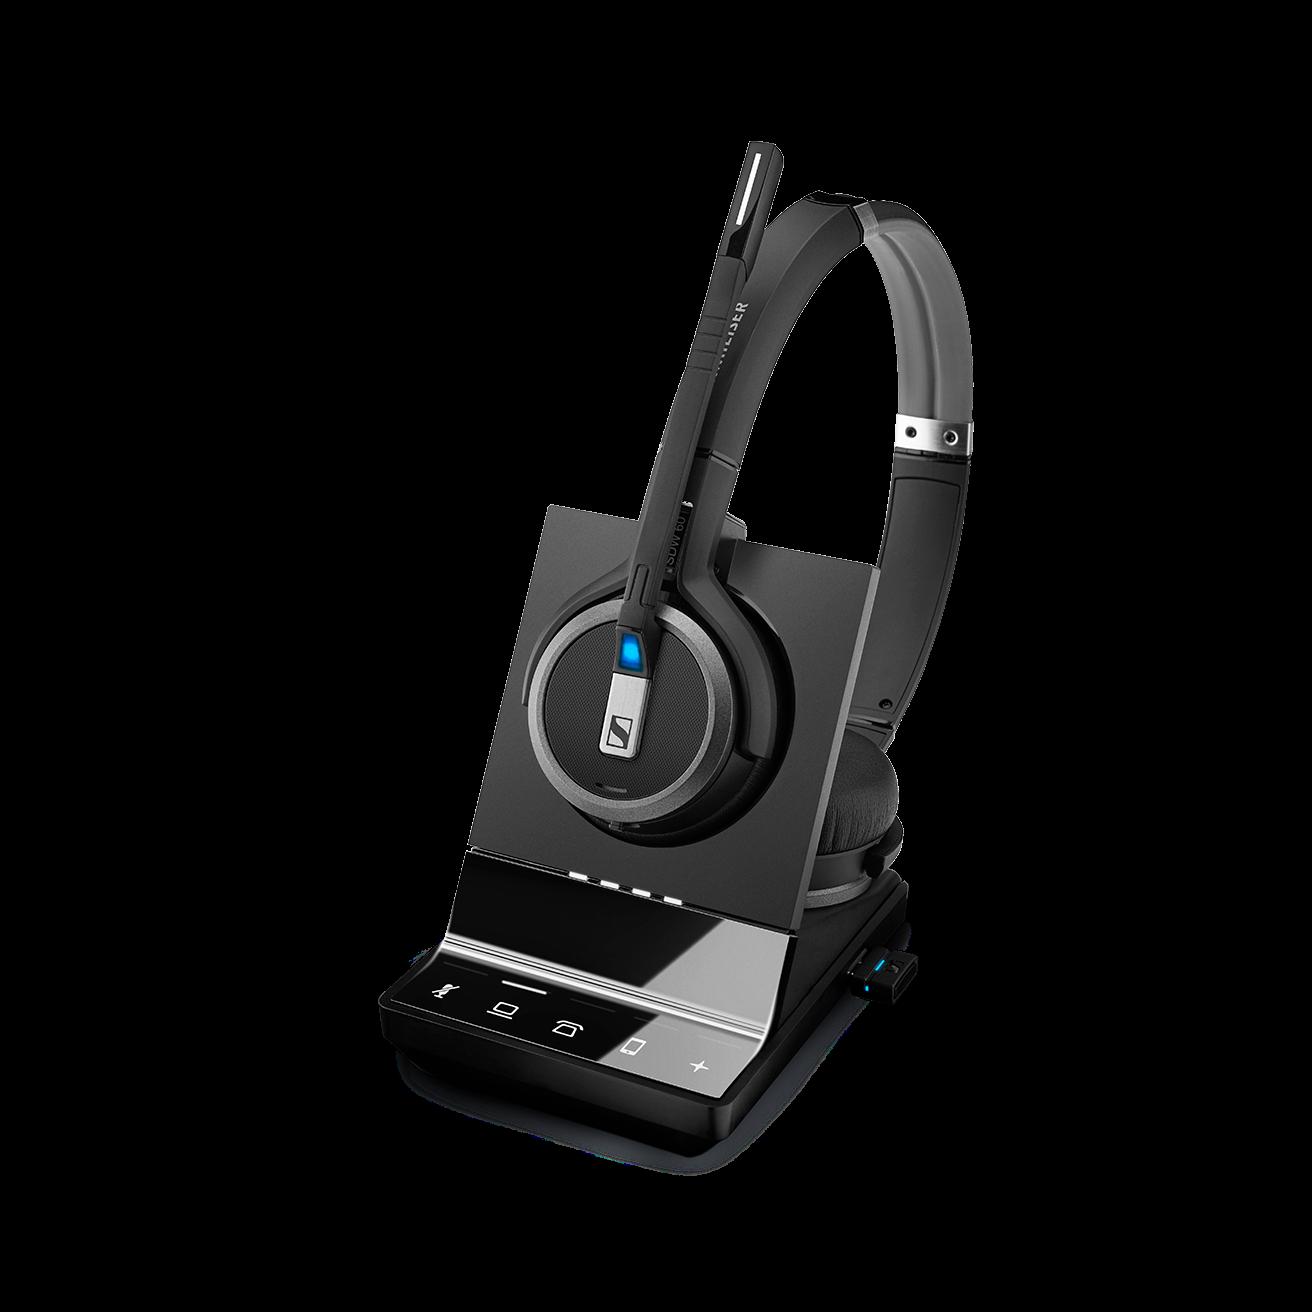 Sennheiser - SDW 5066 - hodesett for PC, telefon og mobil - Spesial tilbud